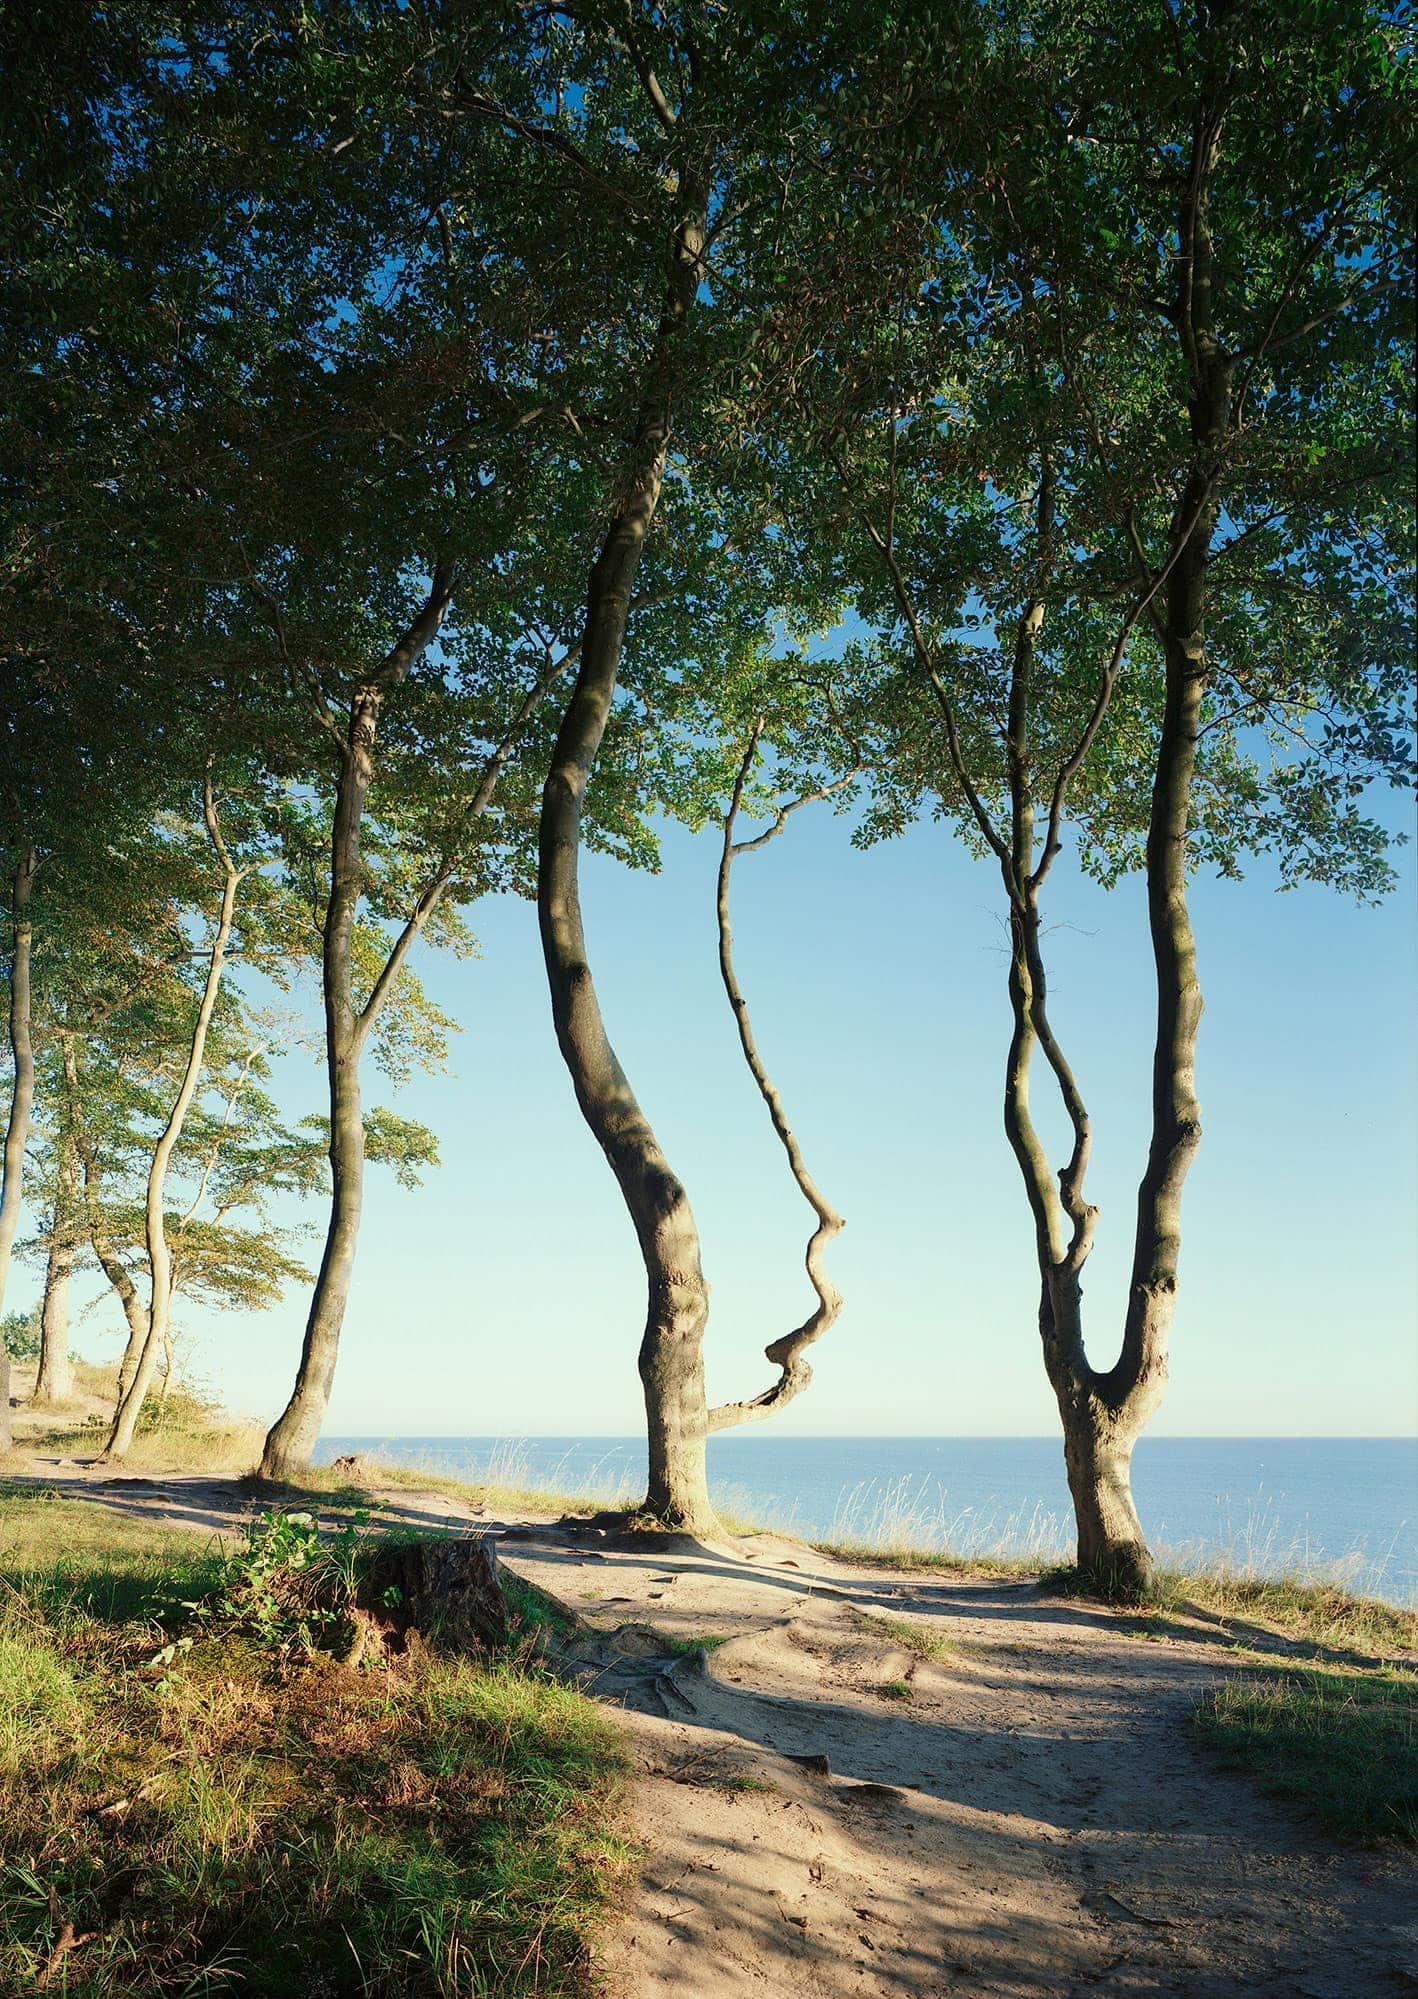 Ostsee Bäume_8Bit